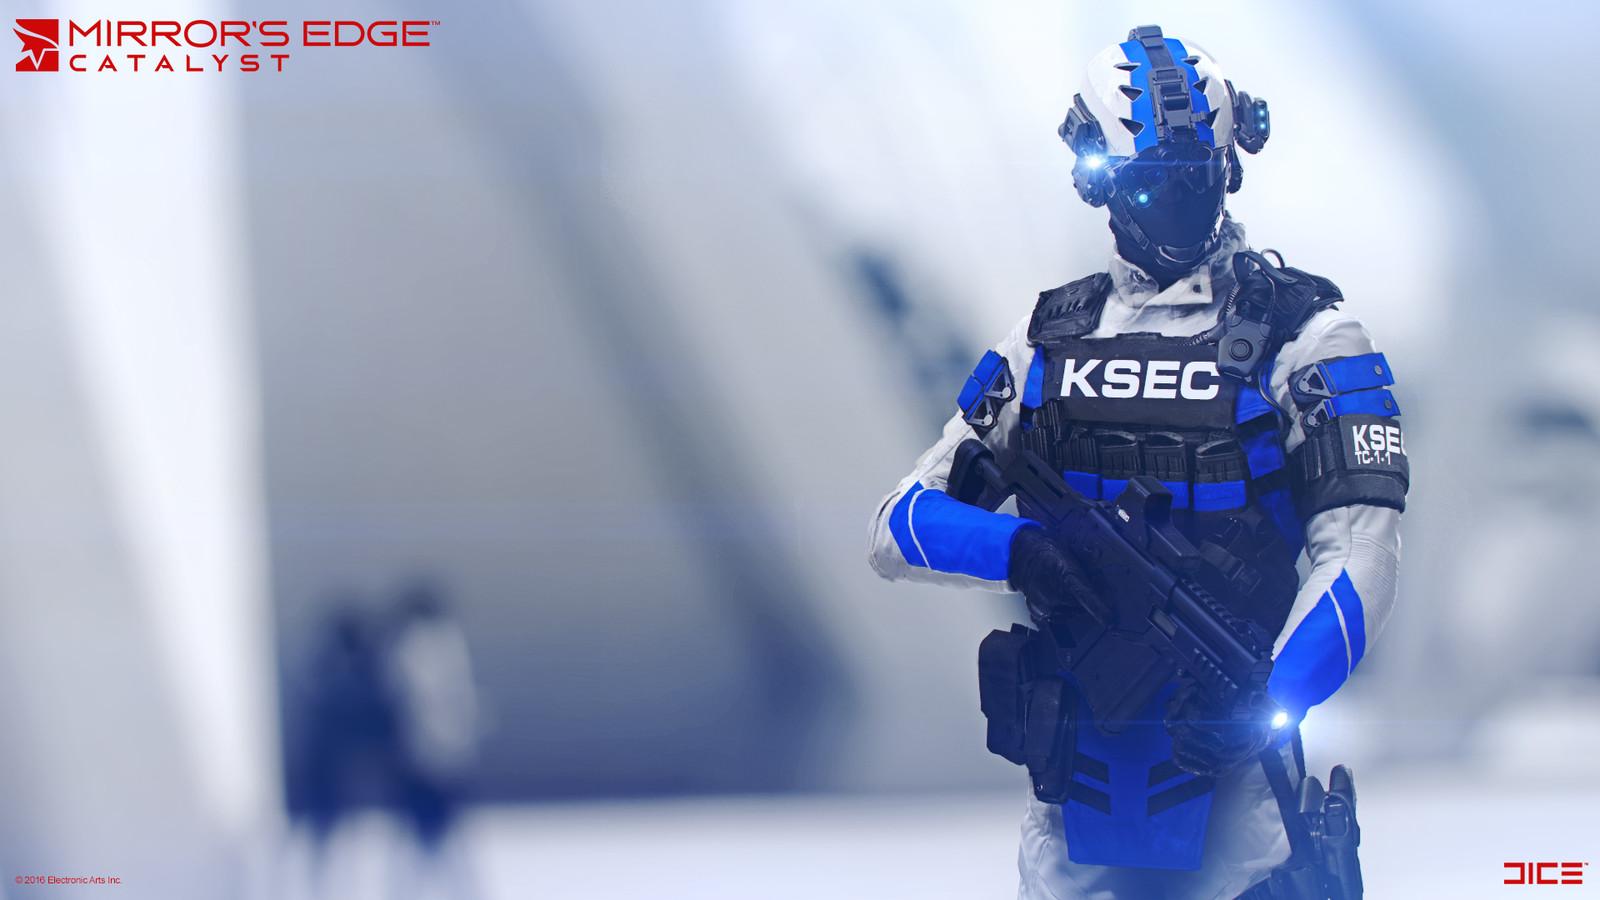 KSEC Enforcer - Concept Art